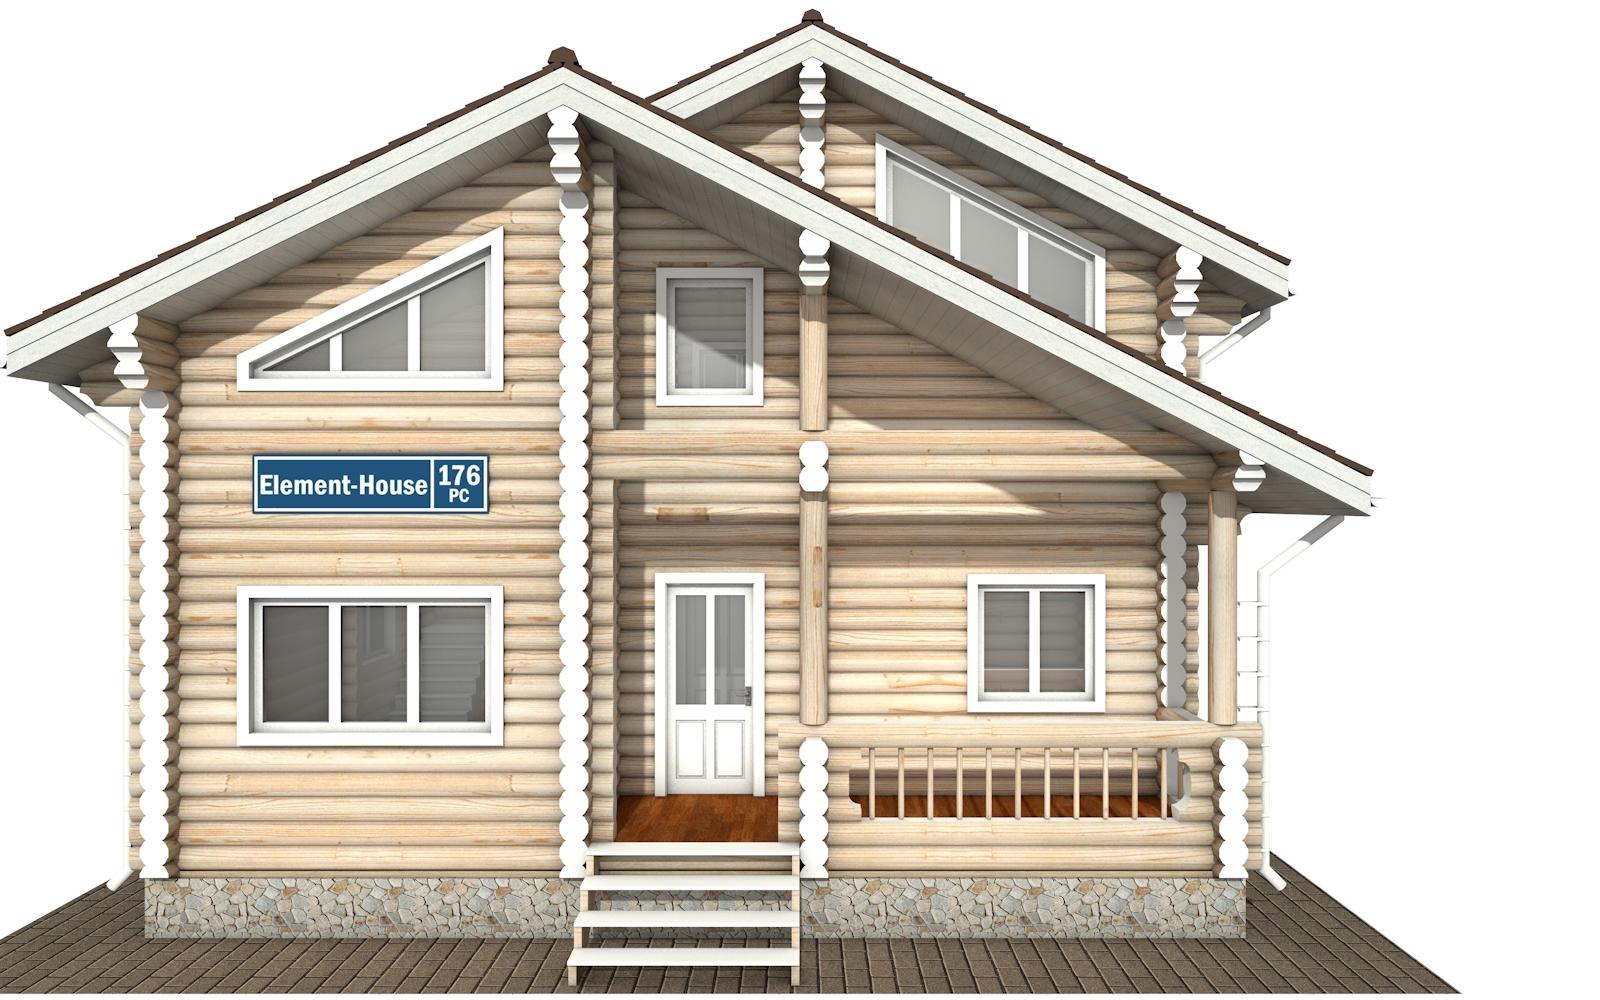 Фото #7: Красивый деревянный дом РС-176 из бревна